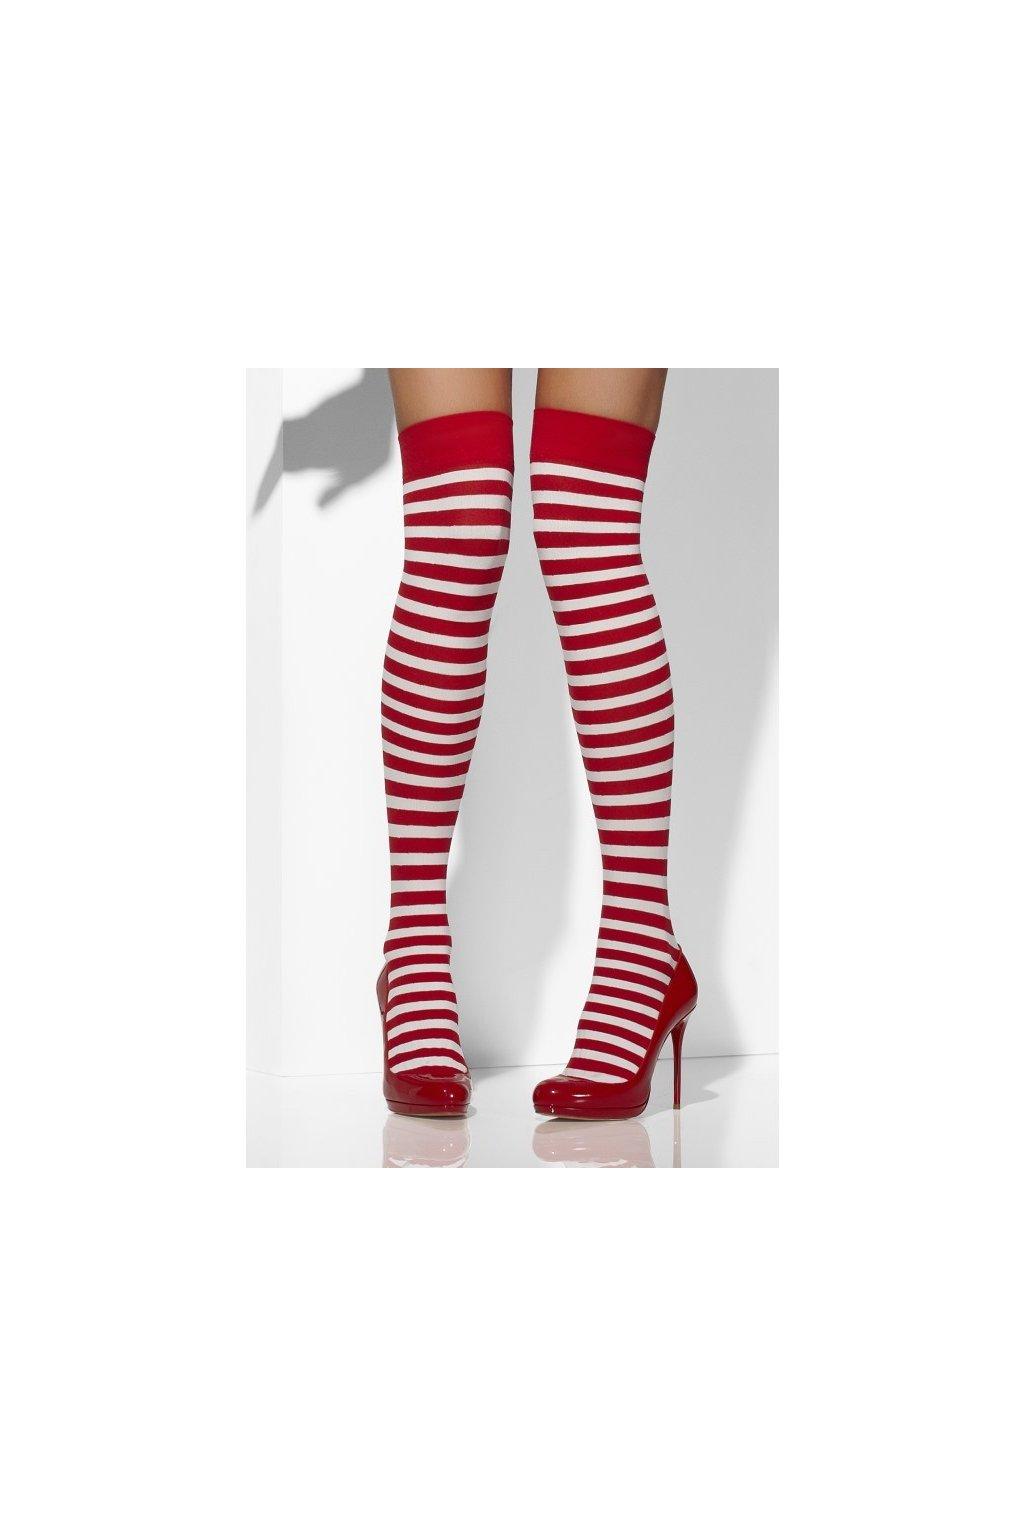 Červené punčochy s bílými pruhy - vánoční punčochy